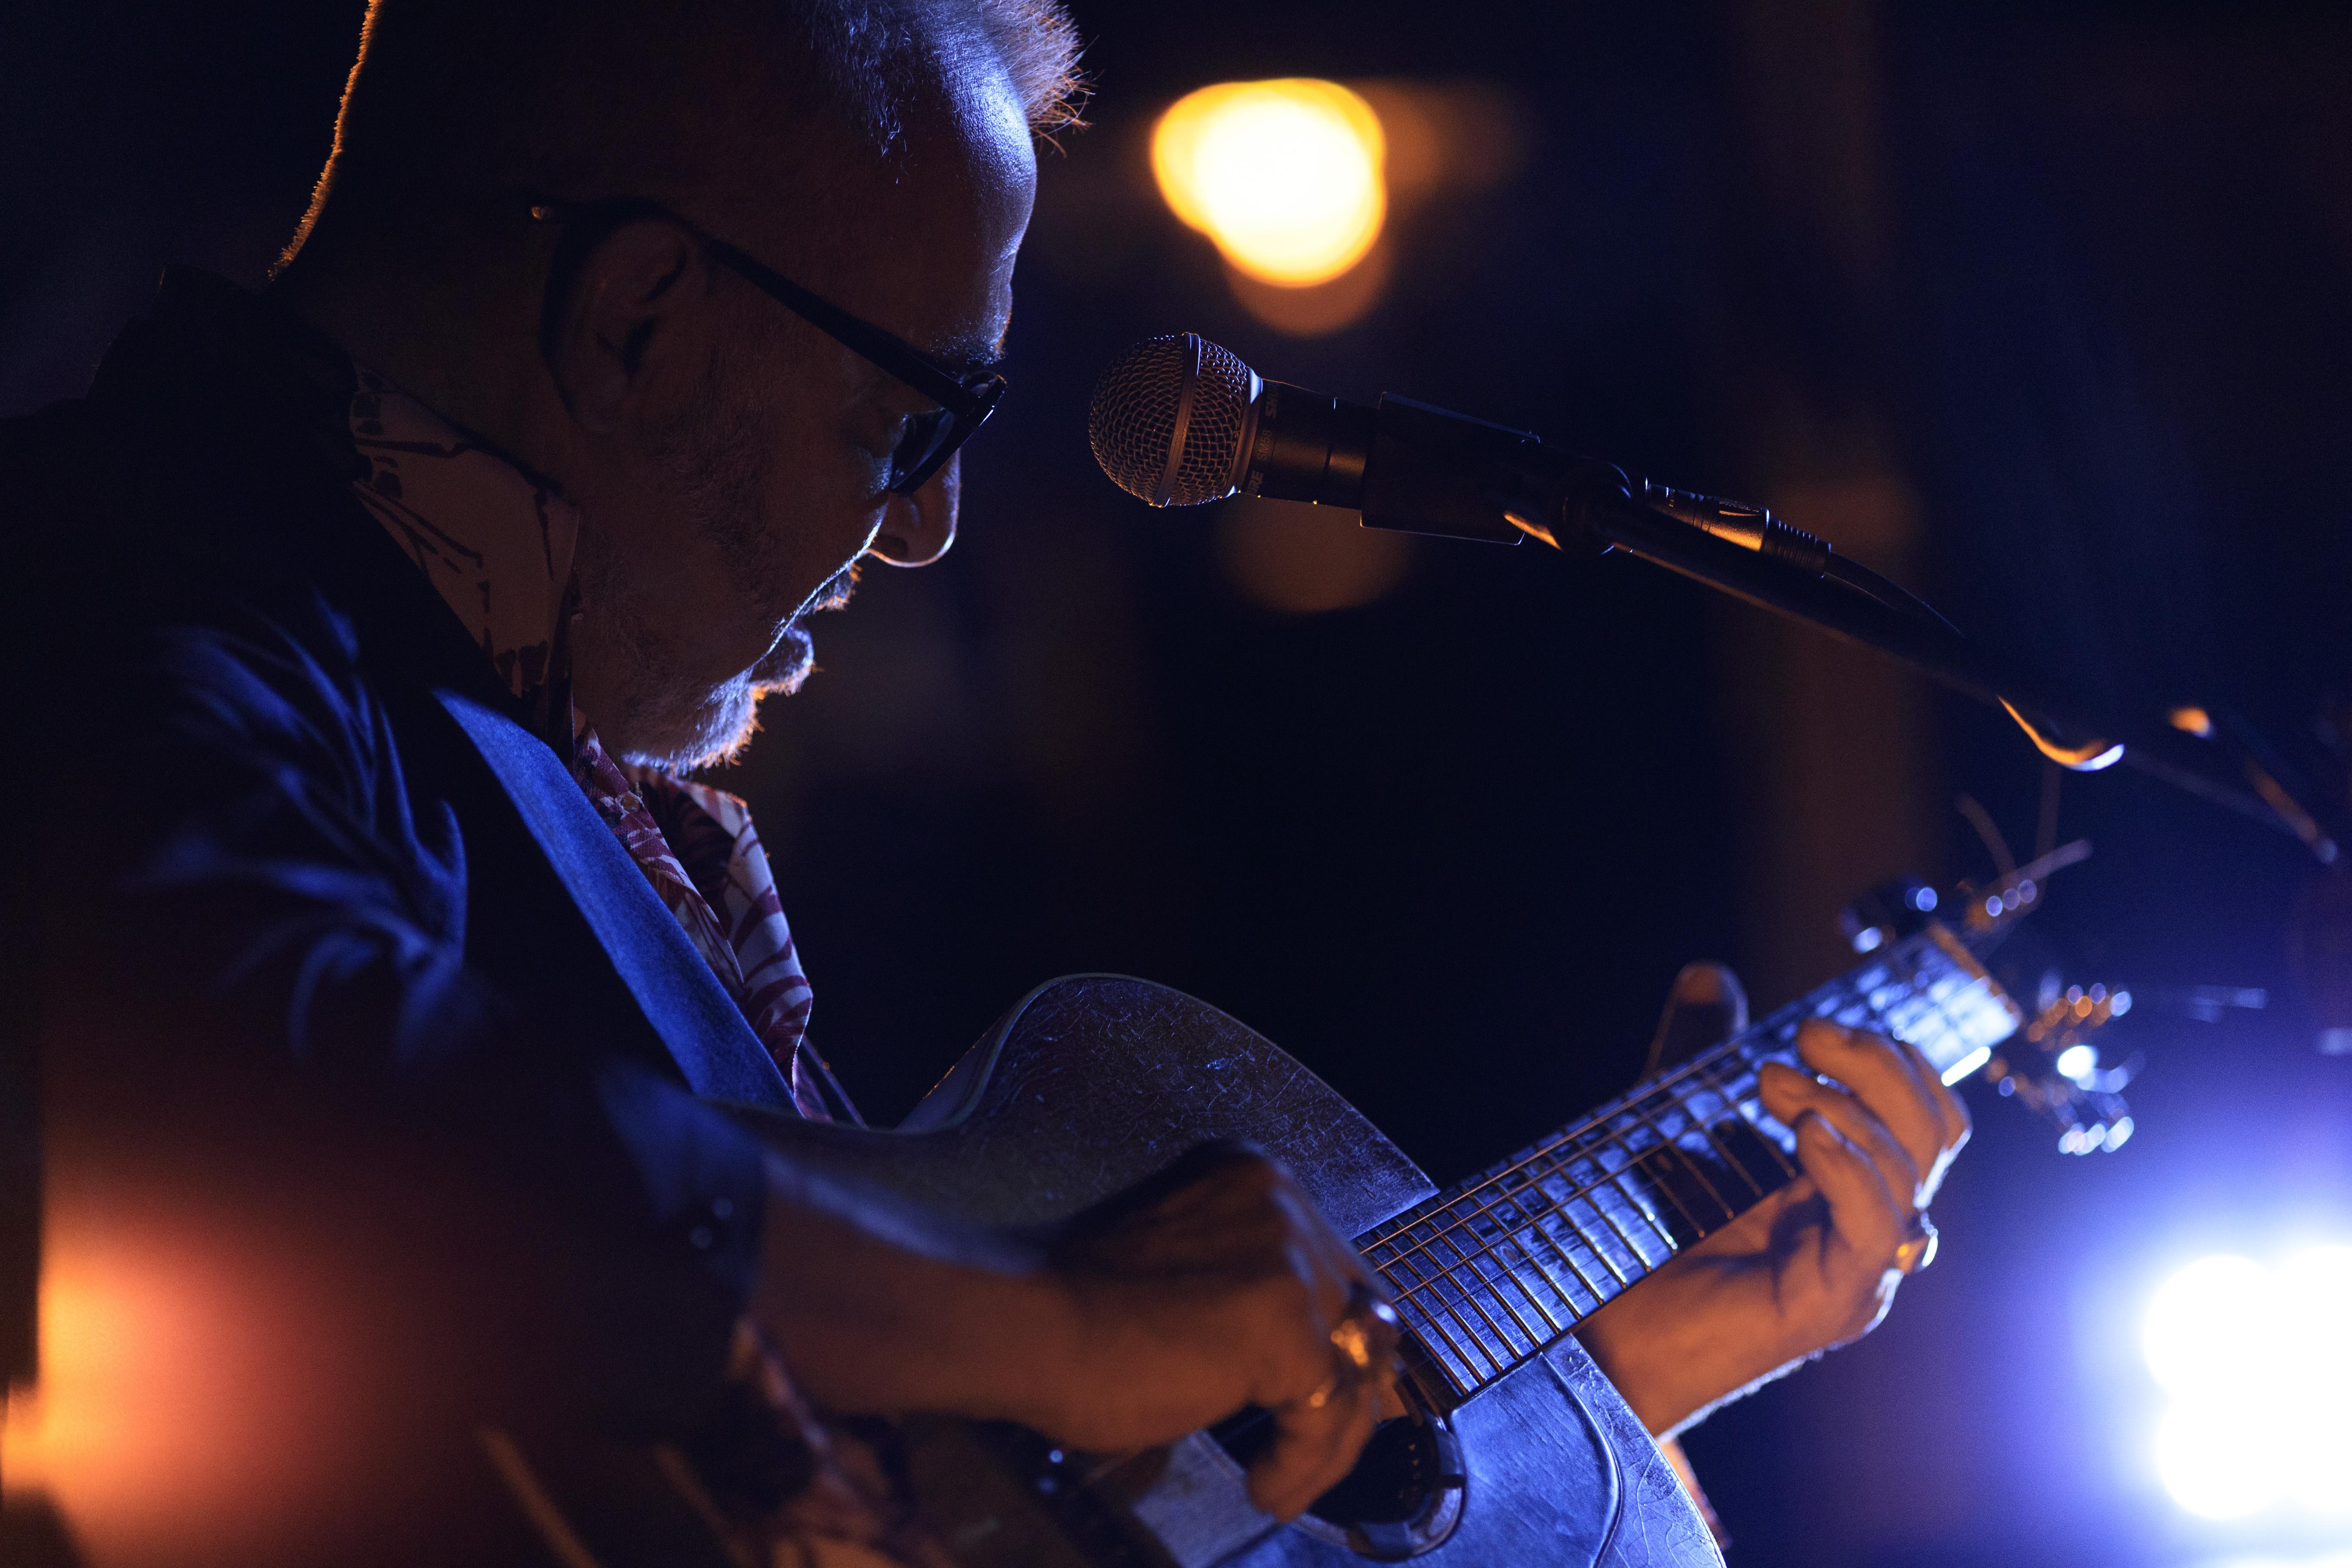 huyen-thoai-guitar-henry-padovani-bieu-dien-tai-metropole-ha-noi